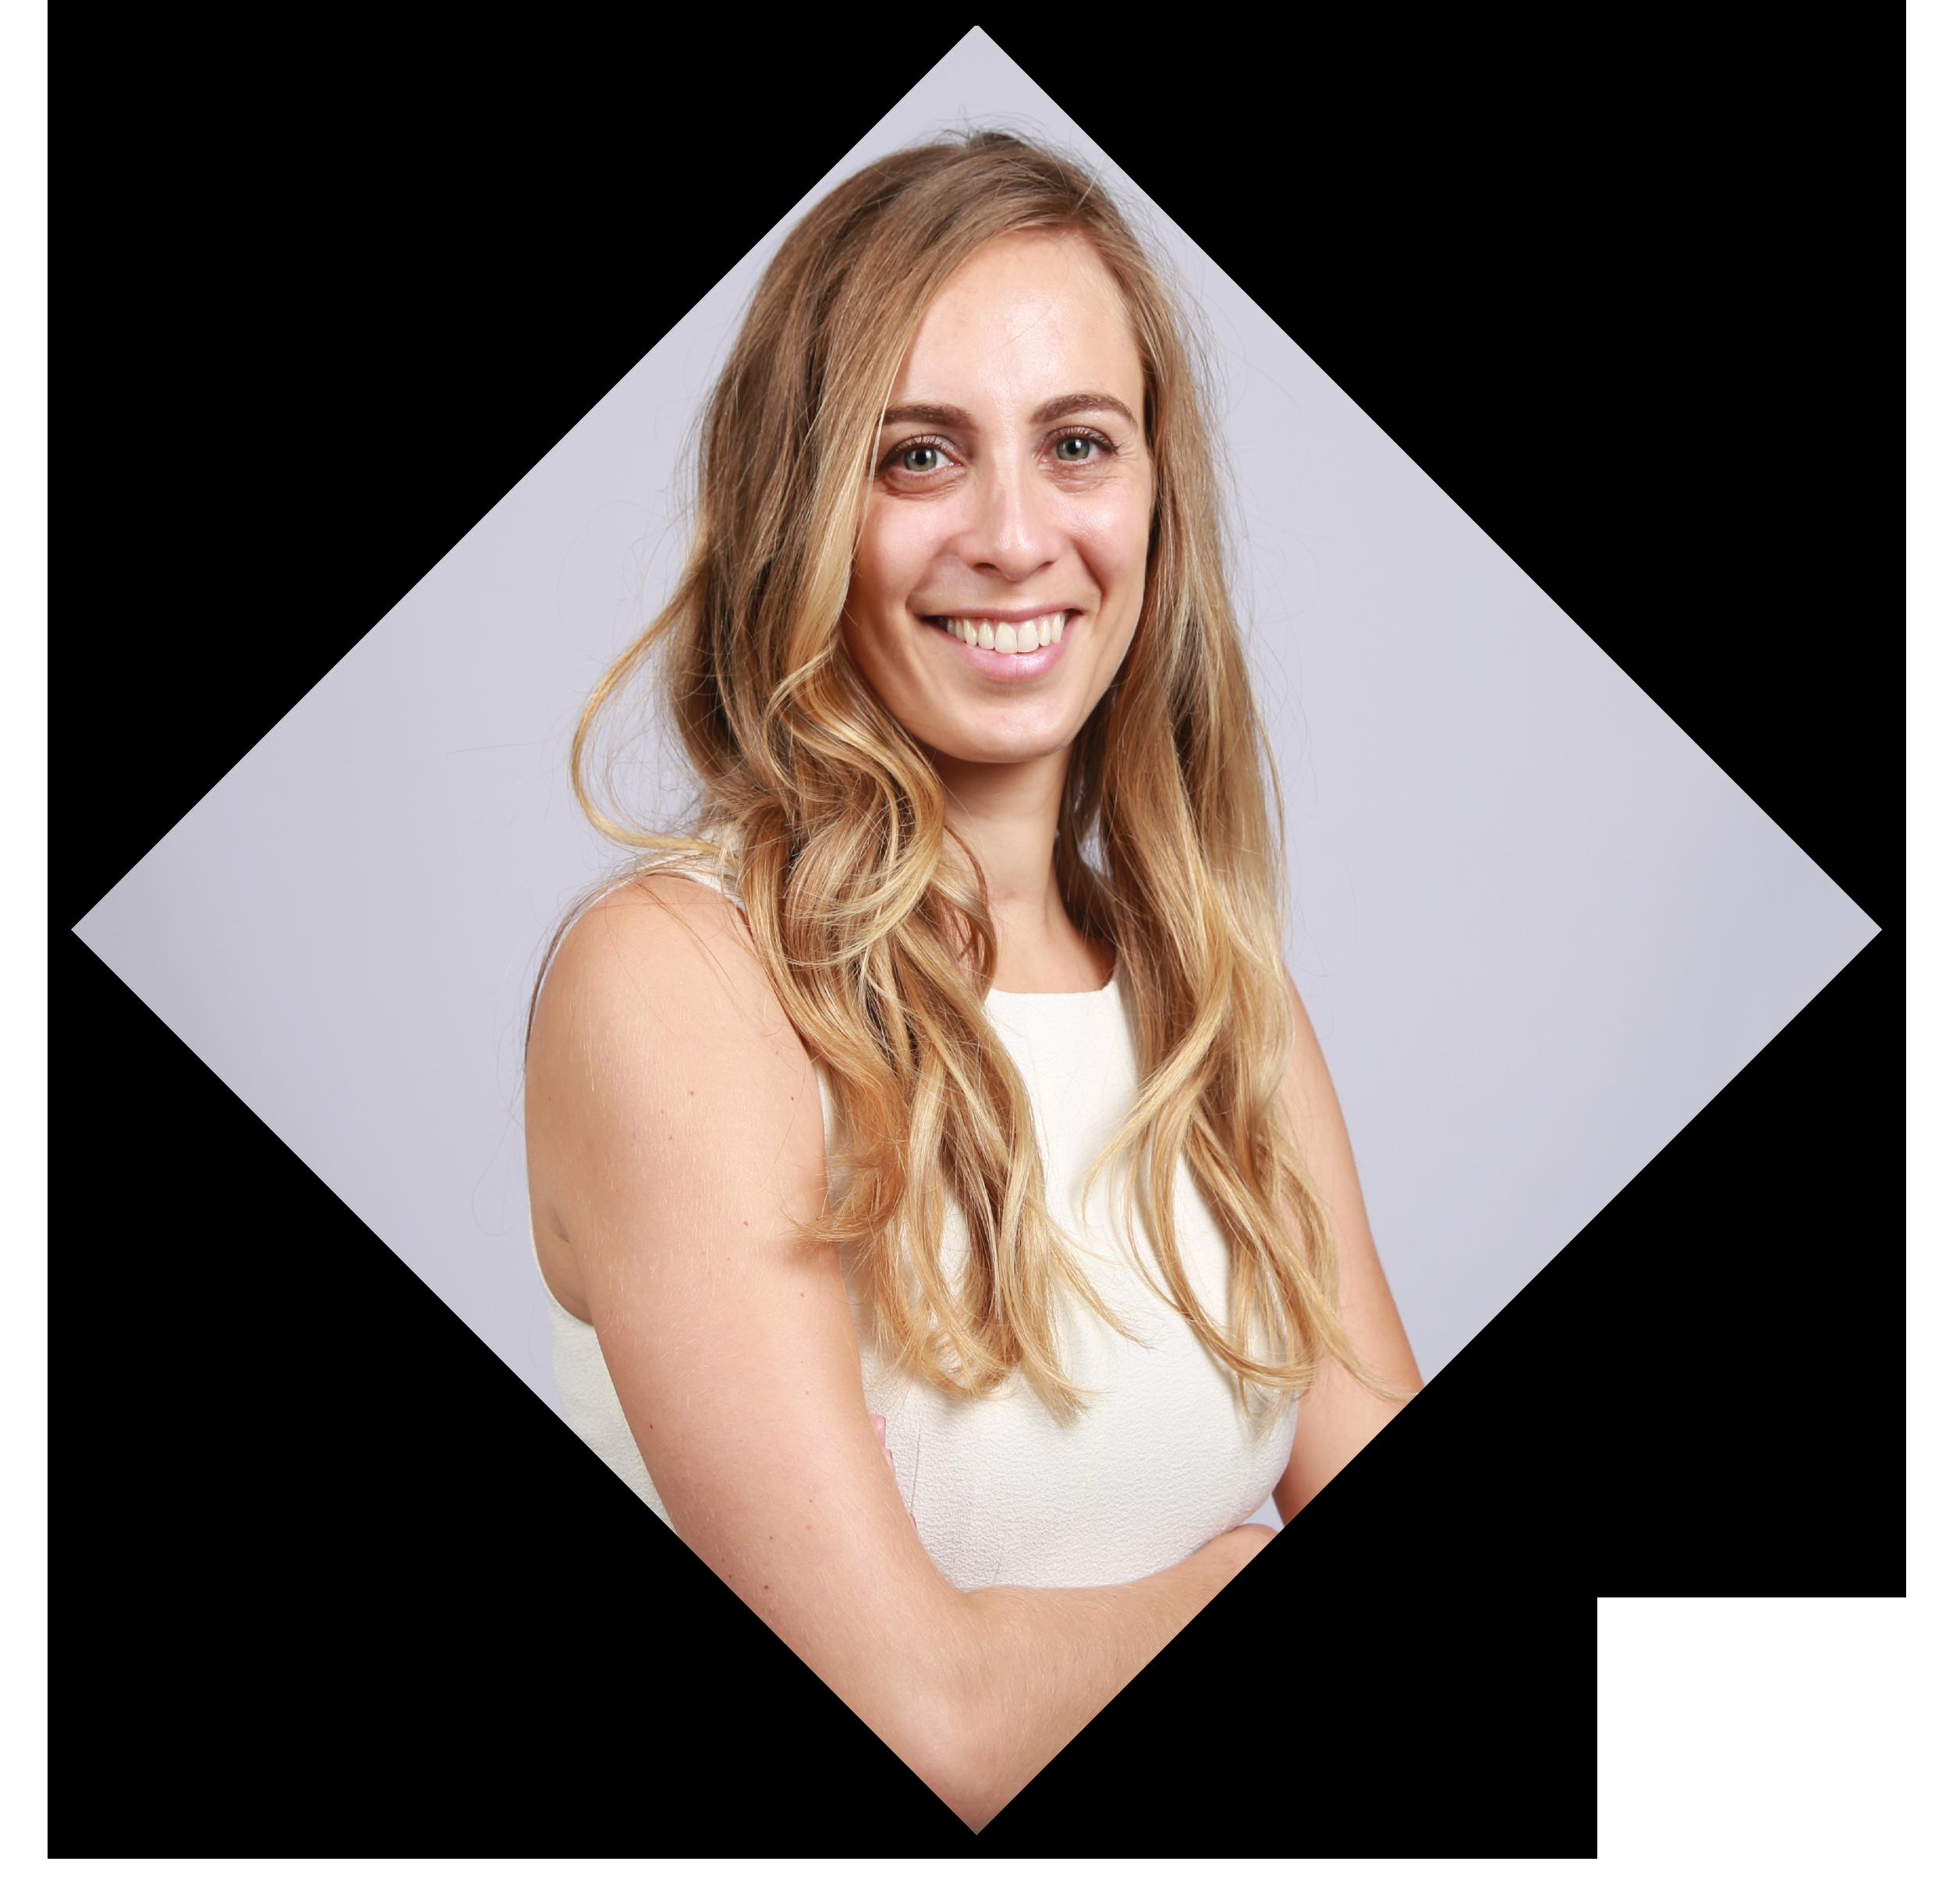 Emilie humbrecht expert comptable dans le cabinet d'expertise comptable EHPC Conseils